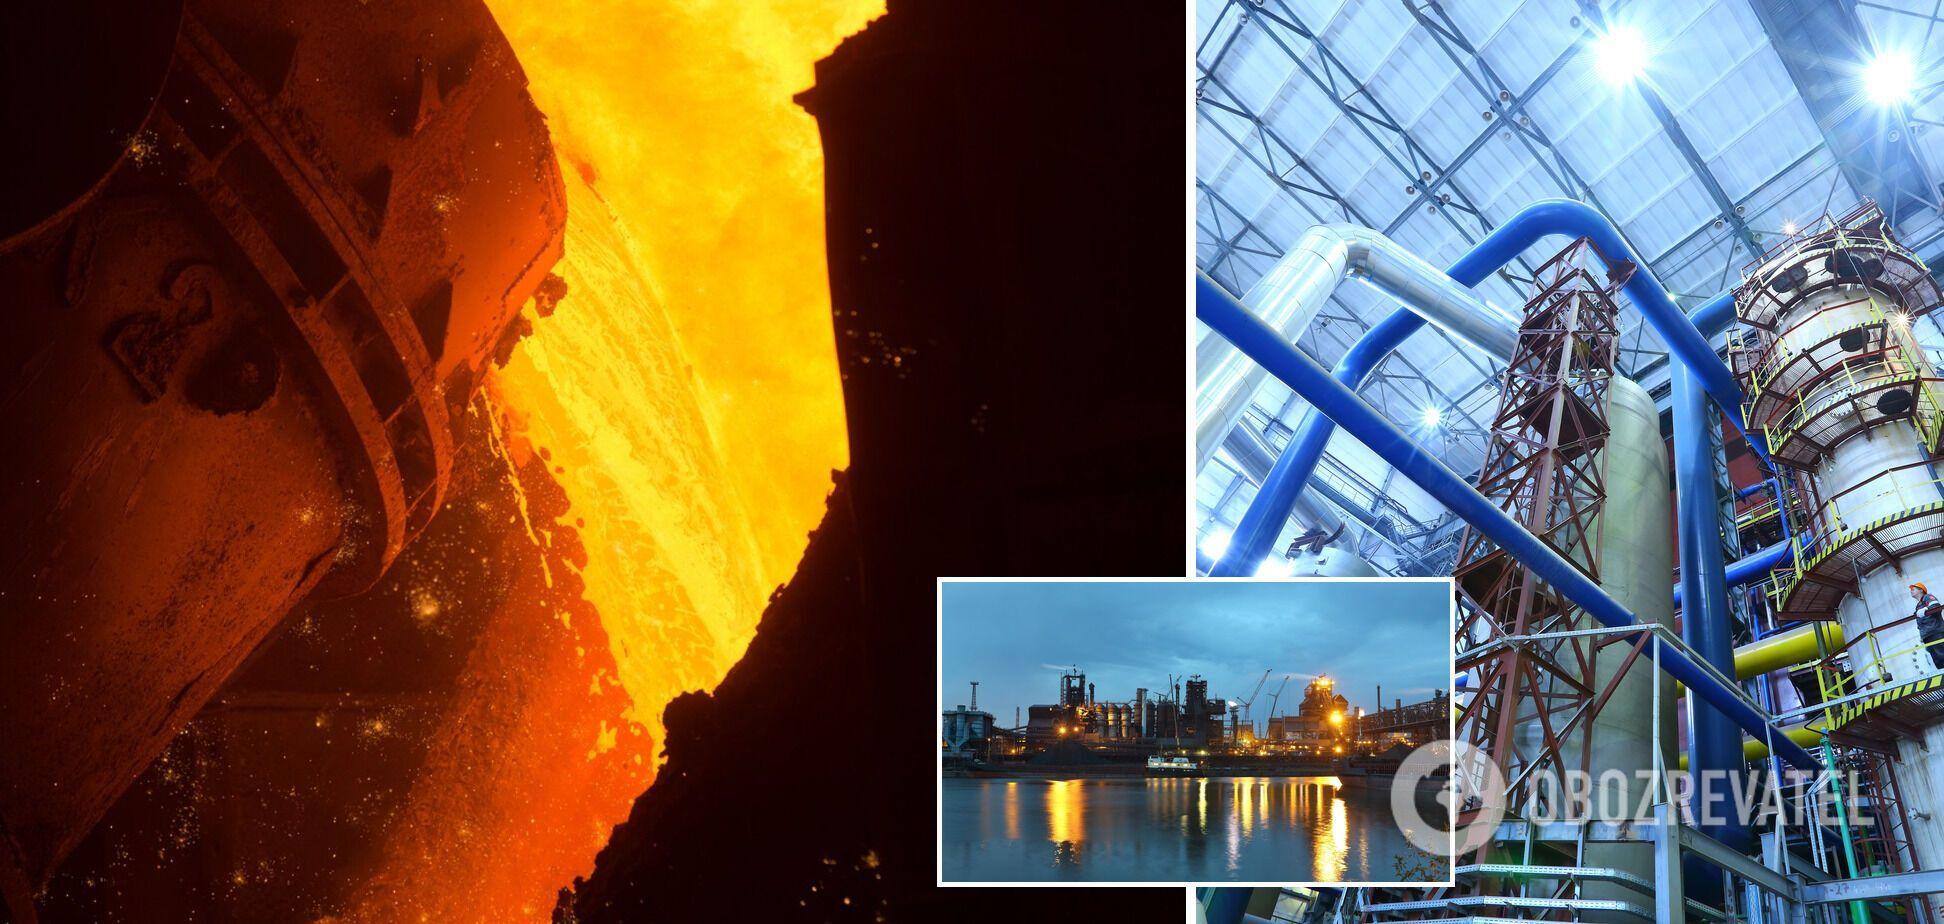 За 9 років Метінвест інвестував в екопрограми Маріуполя понад 15 млрд гривень